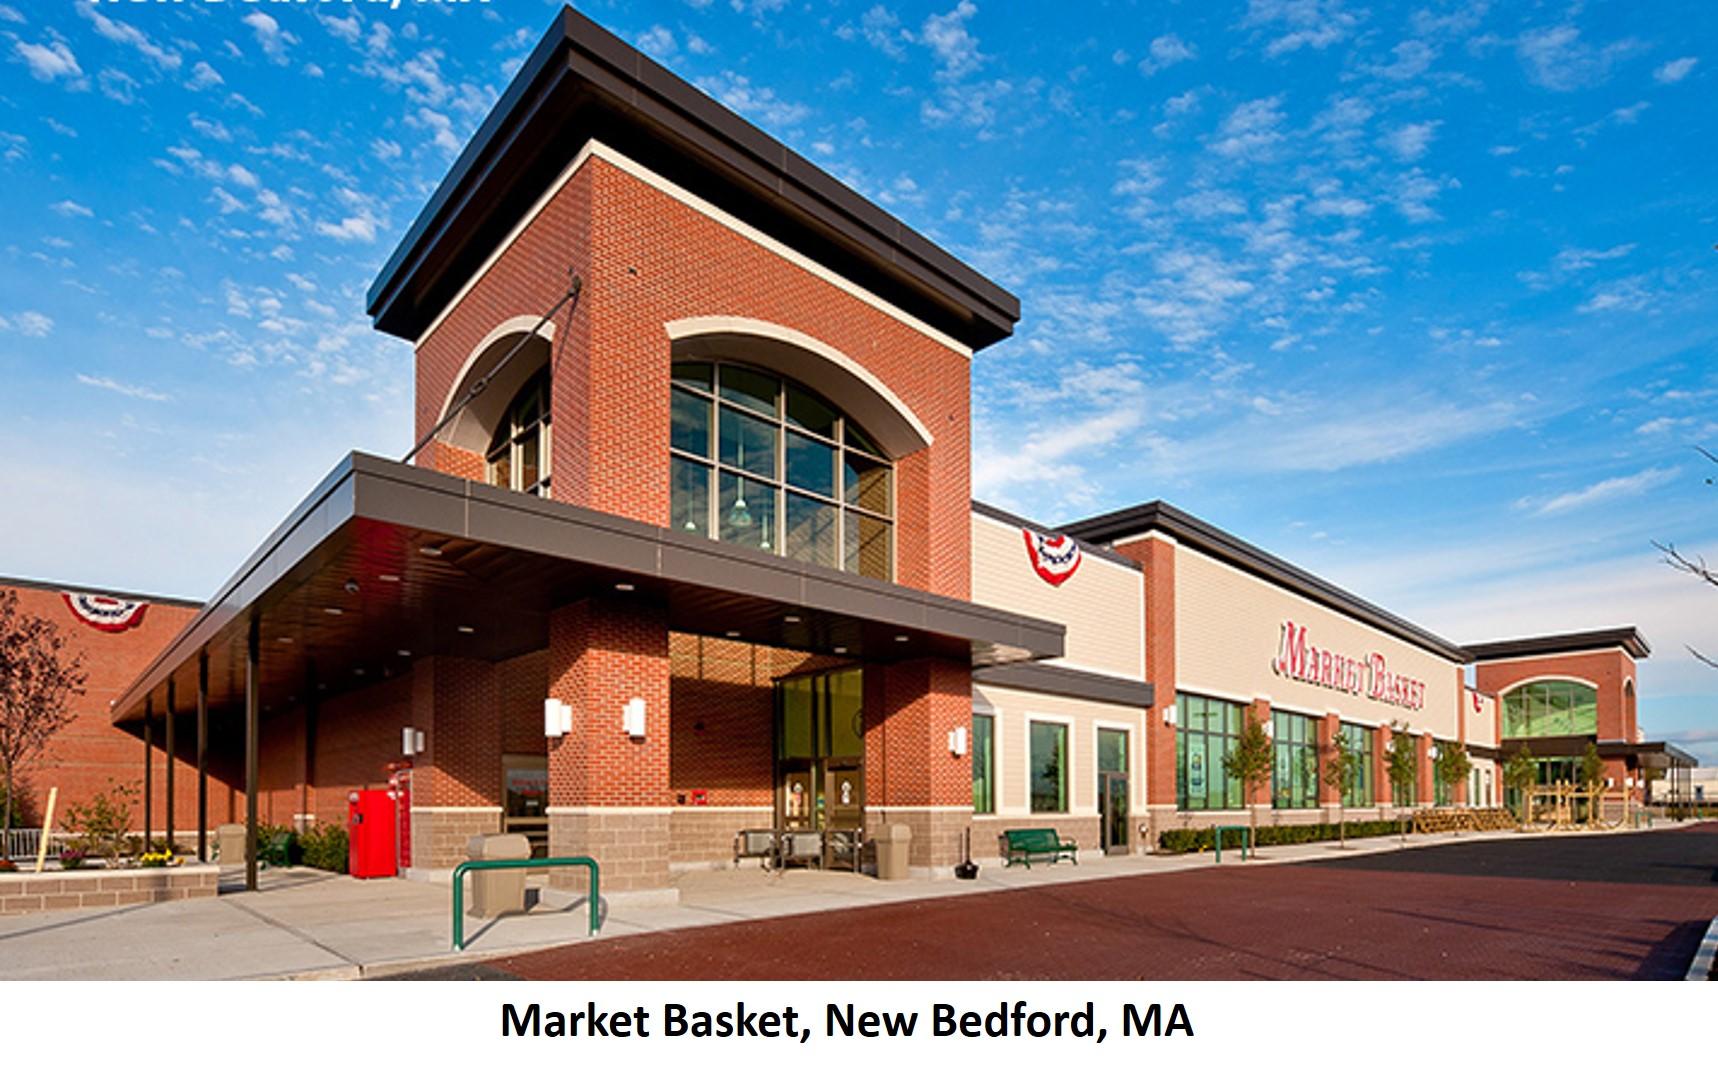 Market Basket New Bedford MA